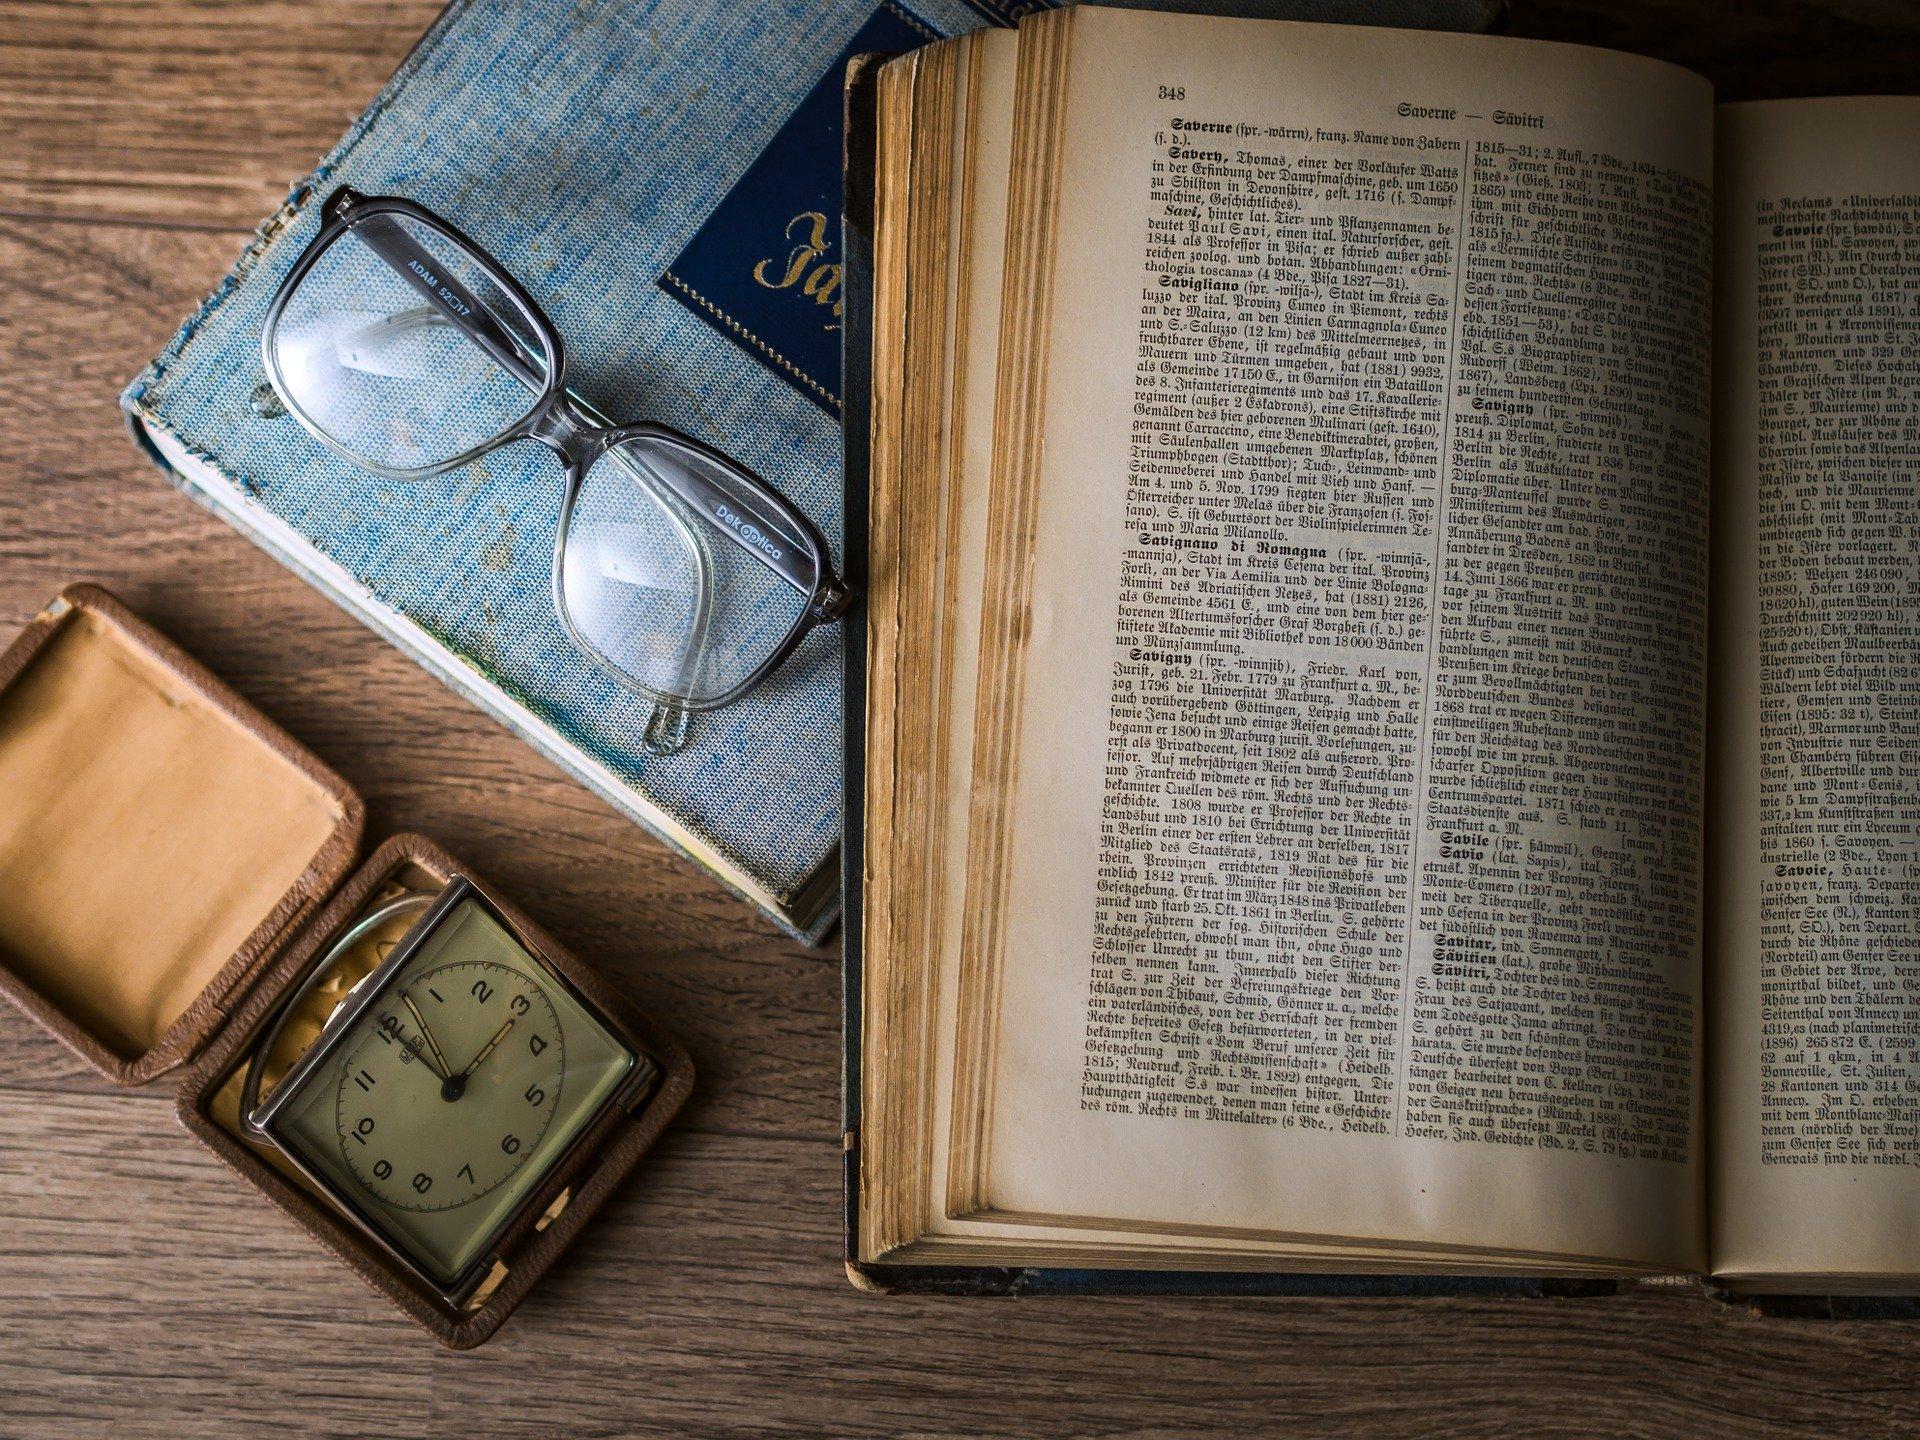 Escoge libros guiándote por lo que te gusta